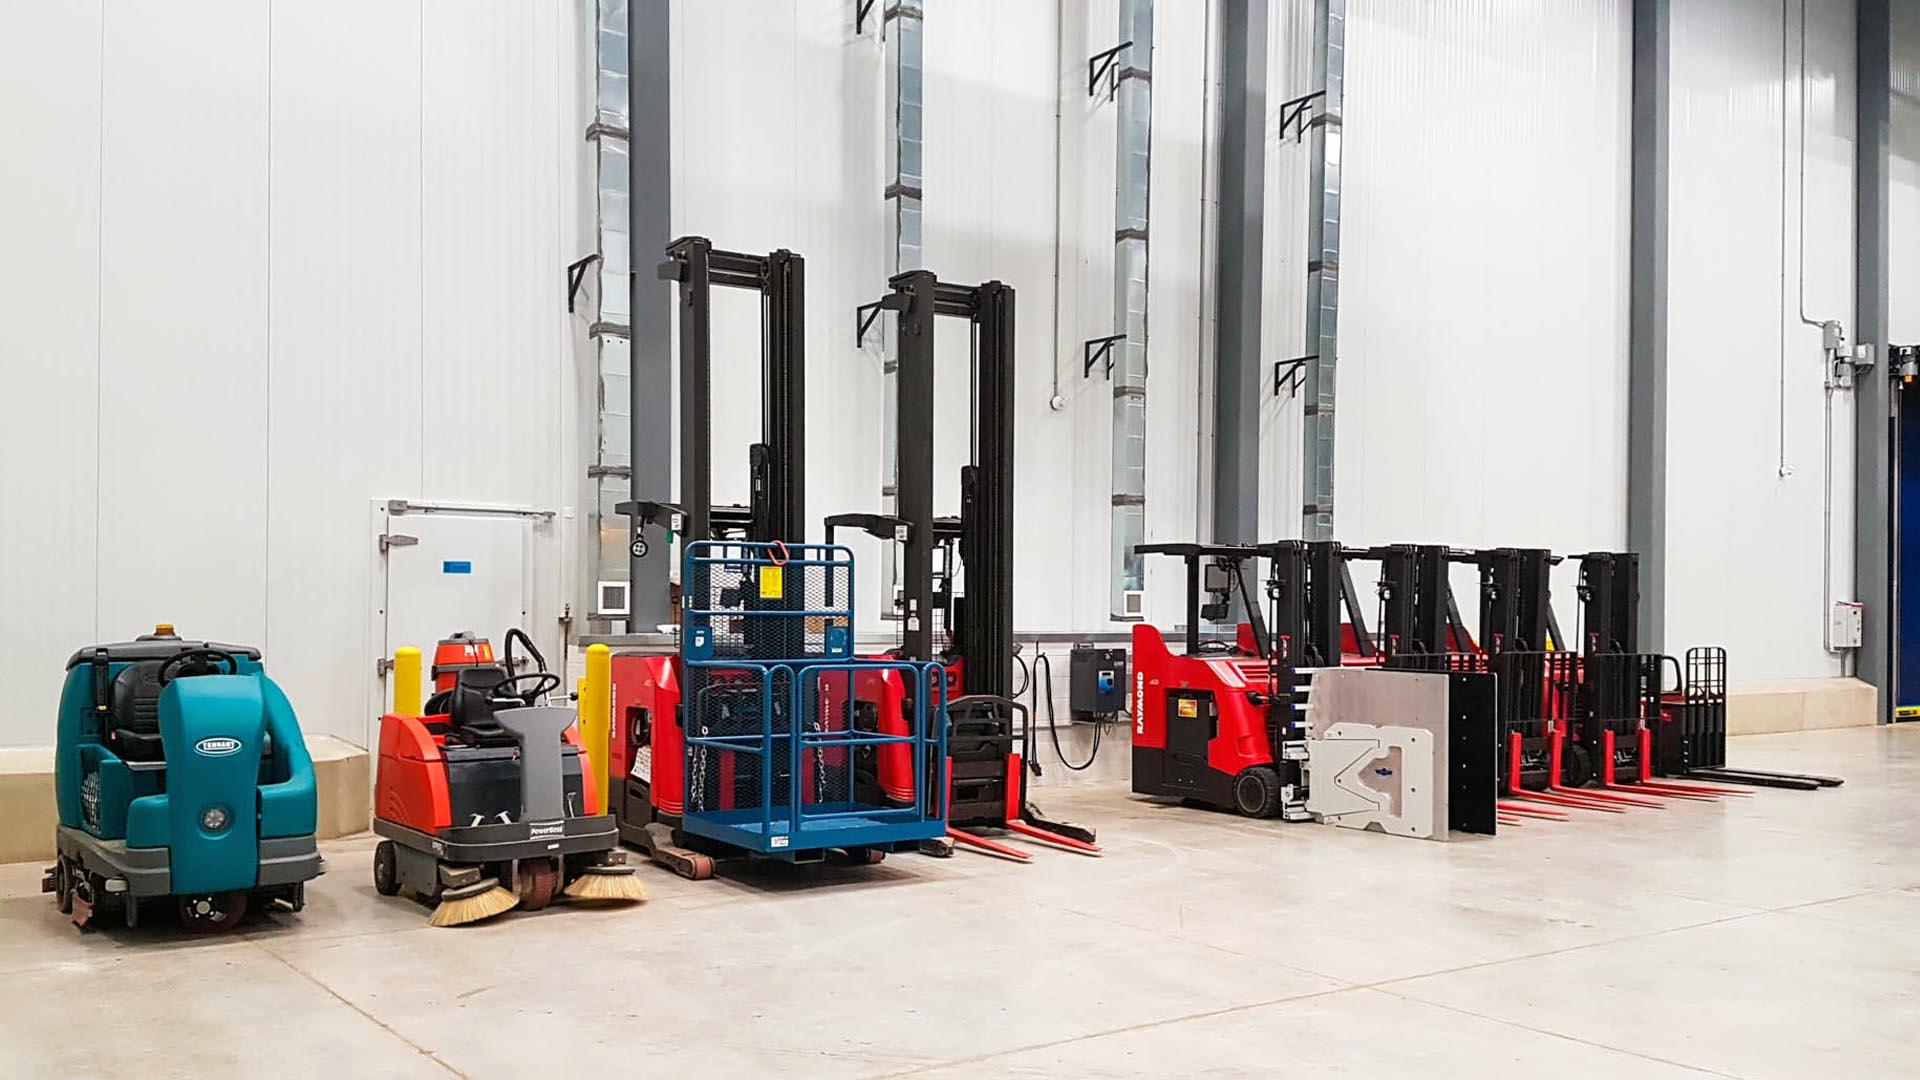 2. Requerimientos para ventilación de estaciones de carga de baterías para montacargas